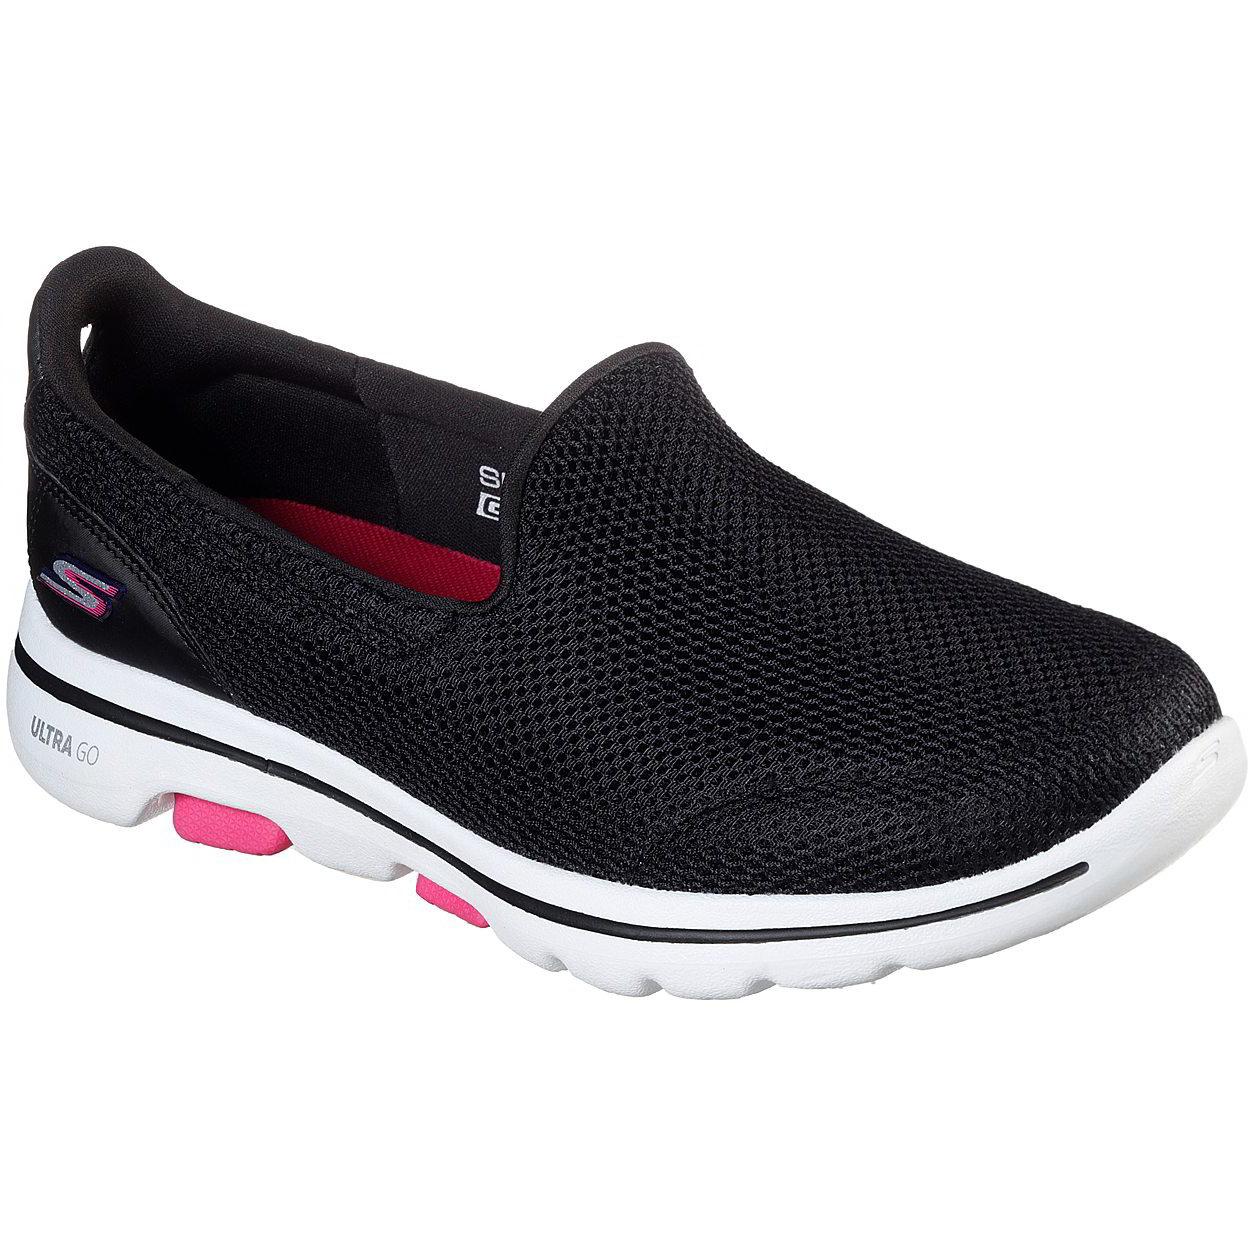 Skechers Go Walk 5 Womens Ladies Black